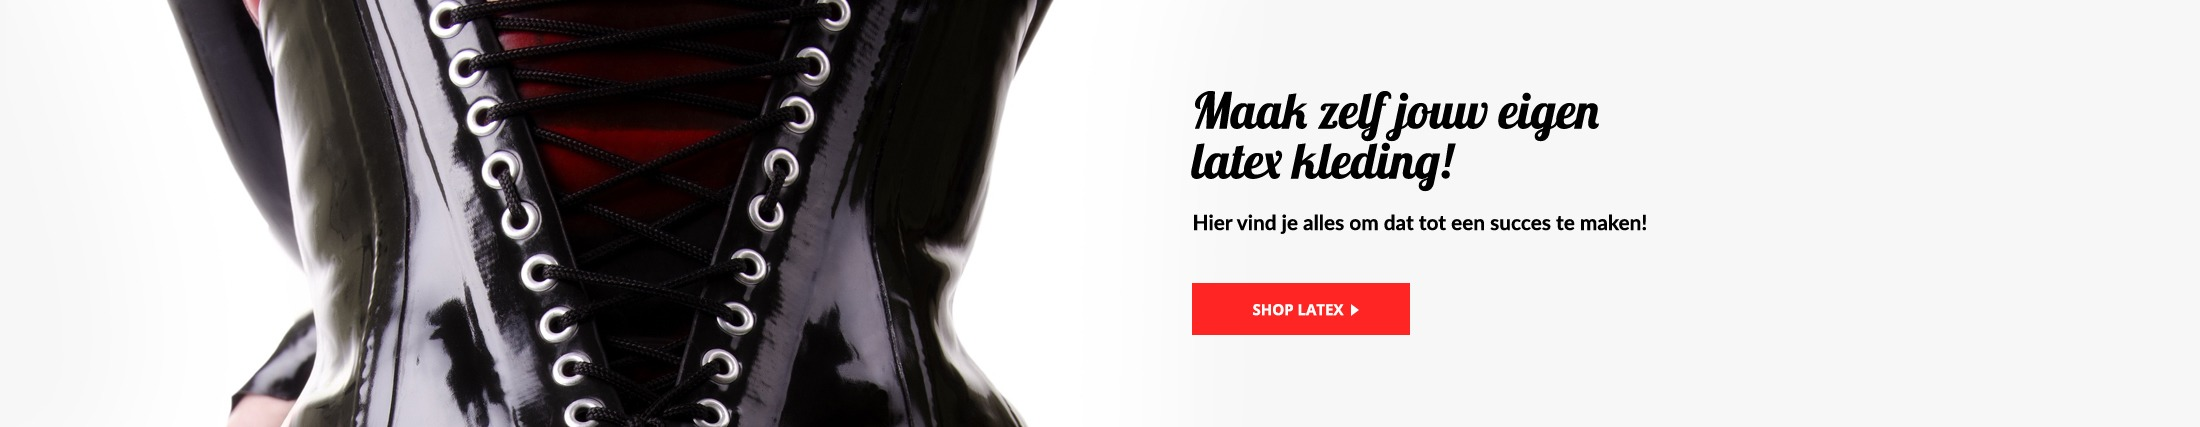 Latex Fashion Design - zelf latex kleding maken, heel veel kleuren latex